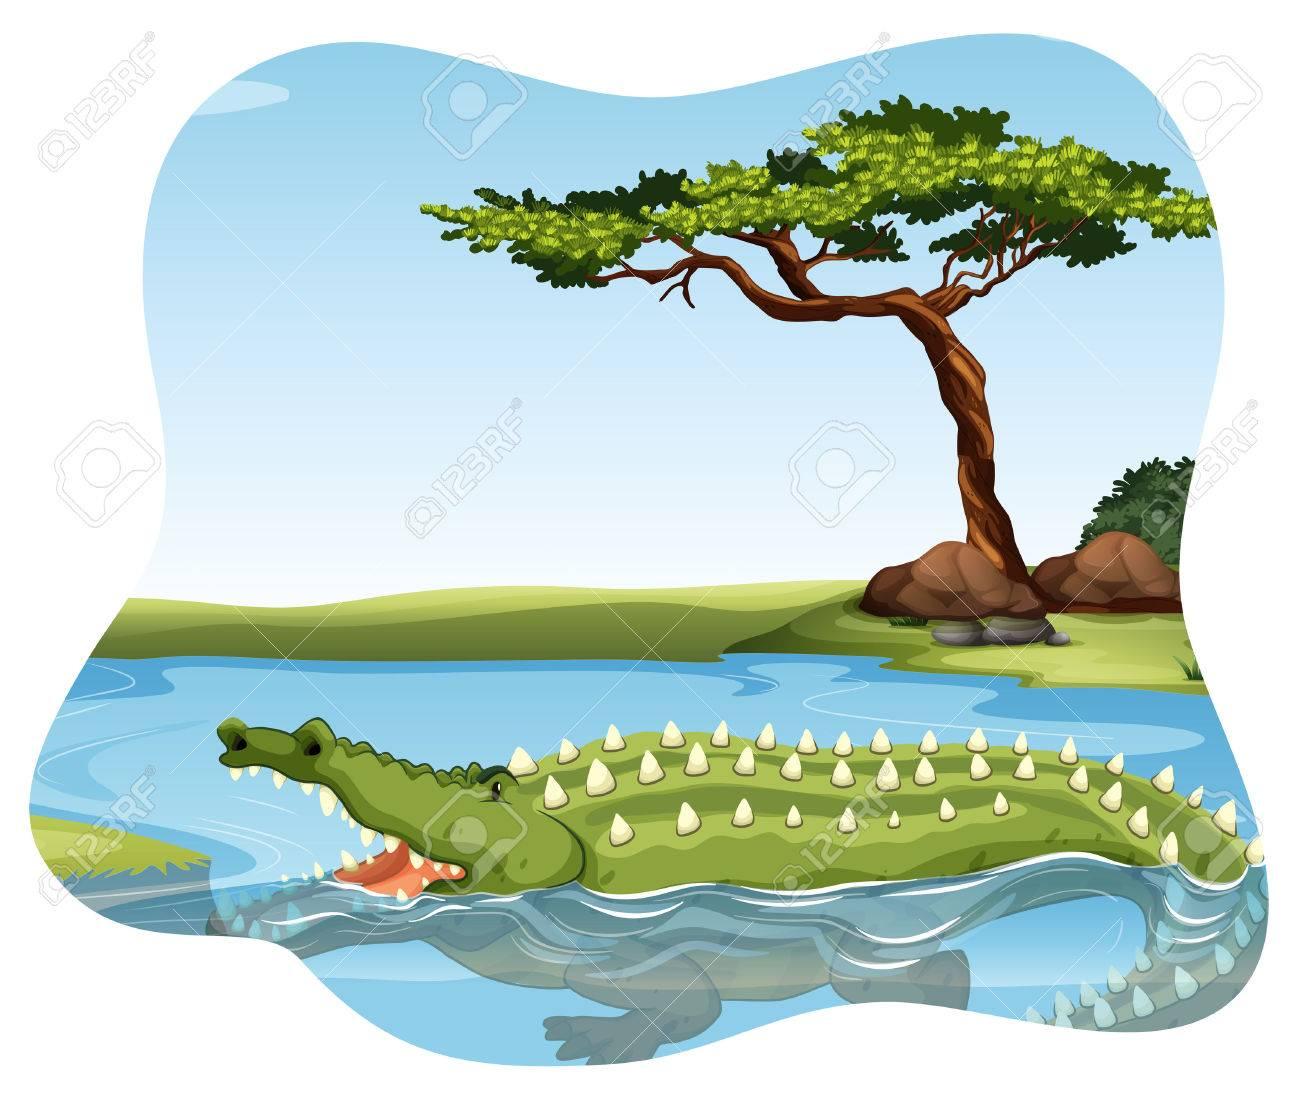 """Résultat de recherche d'images pour """"crocos baignade dessin"""""""